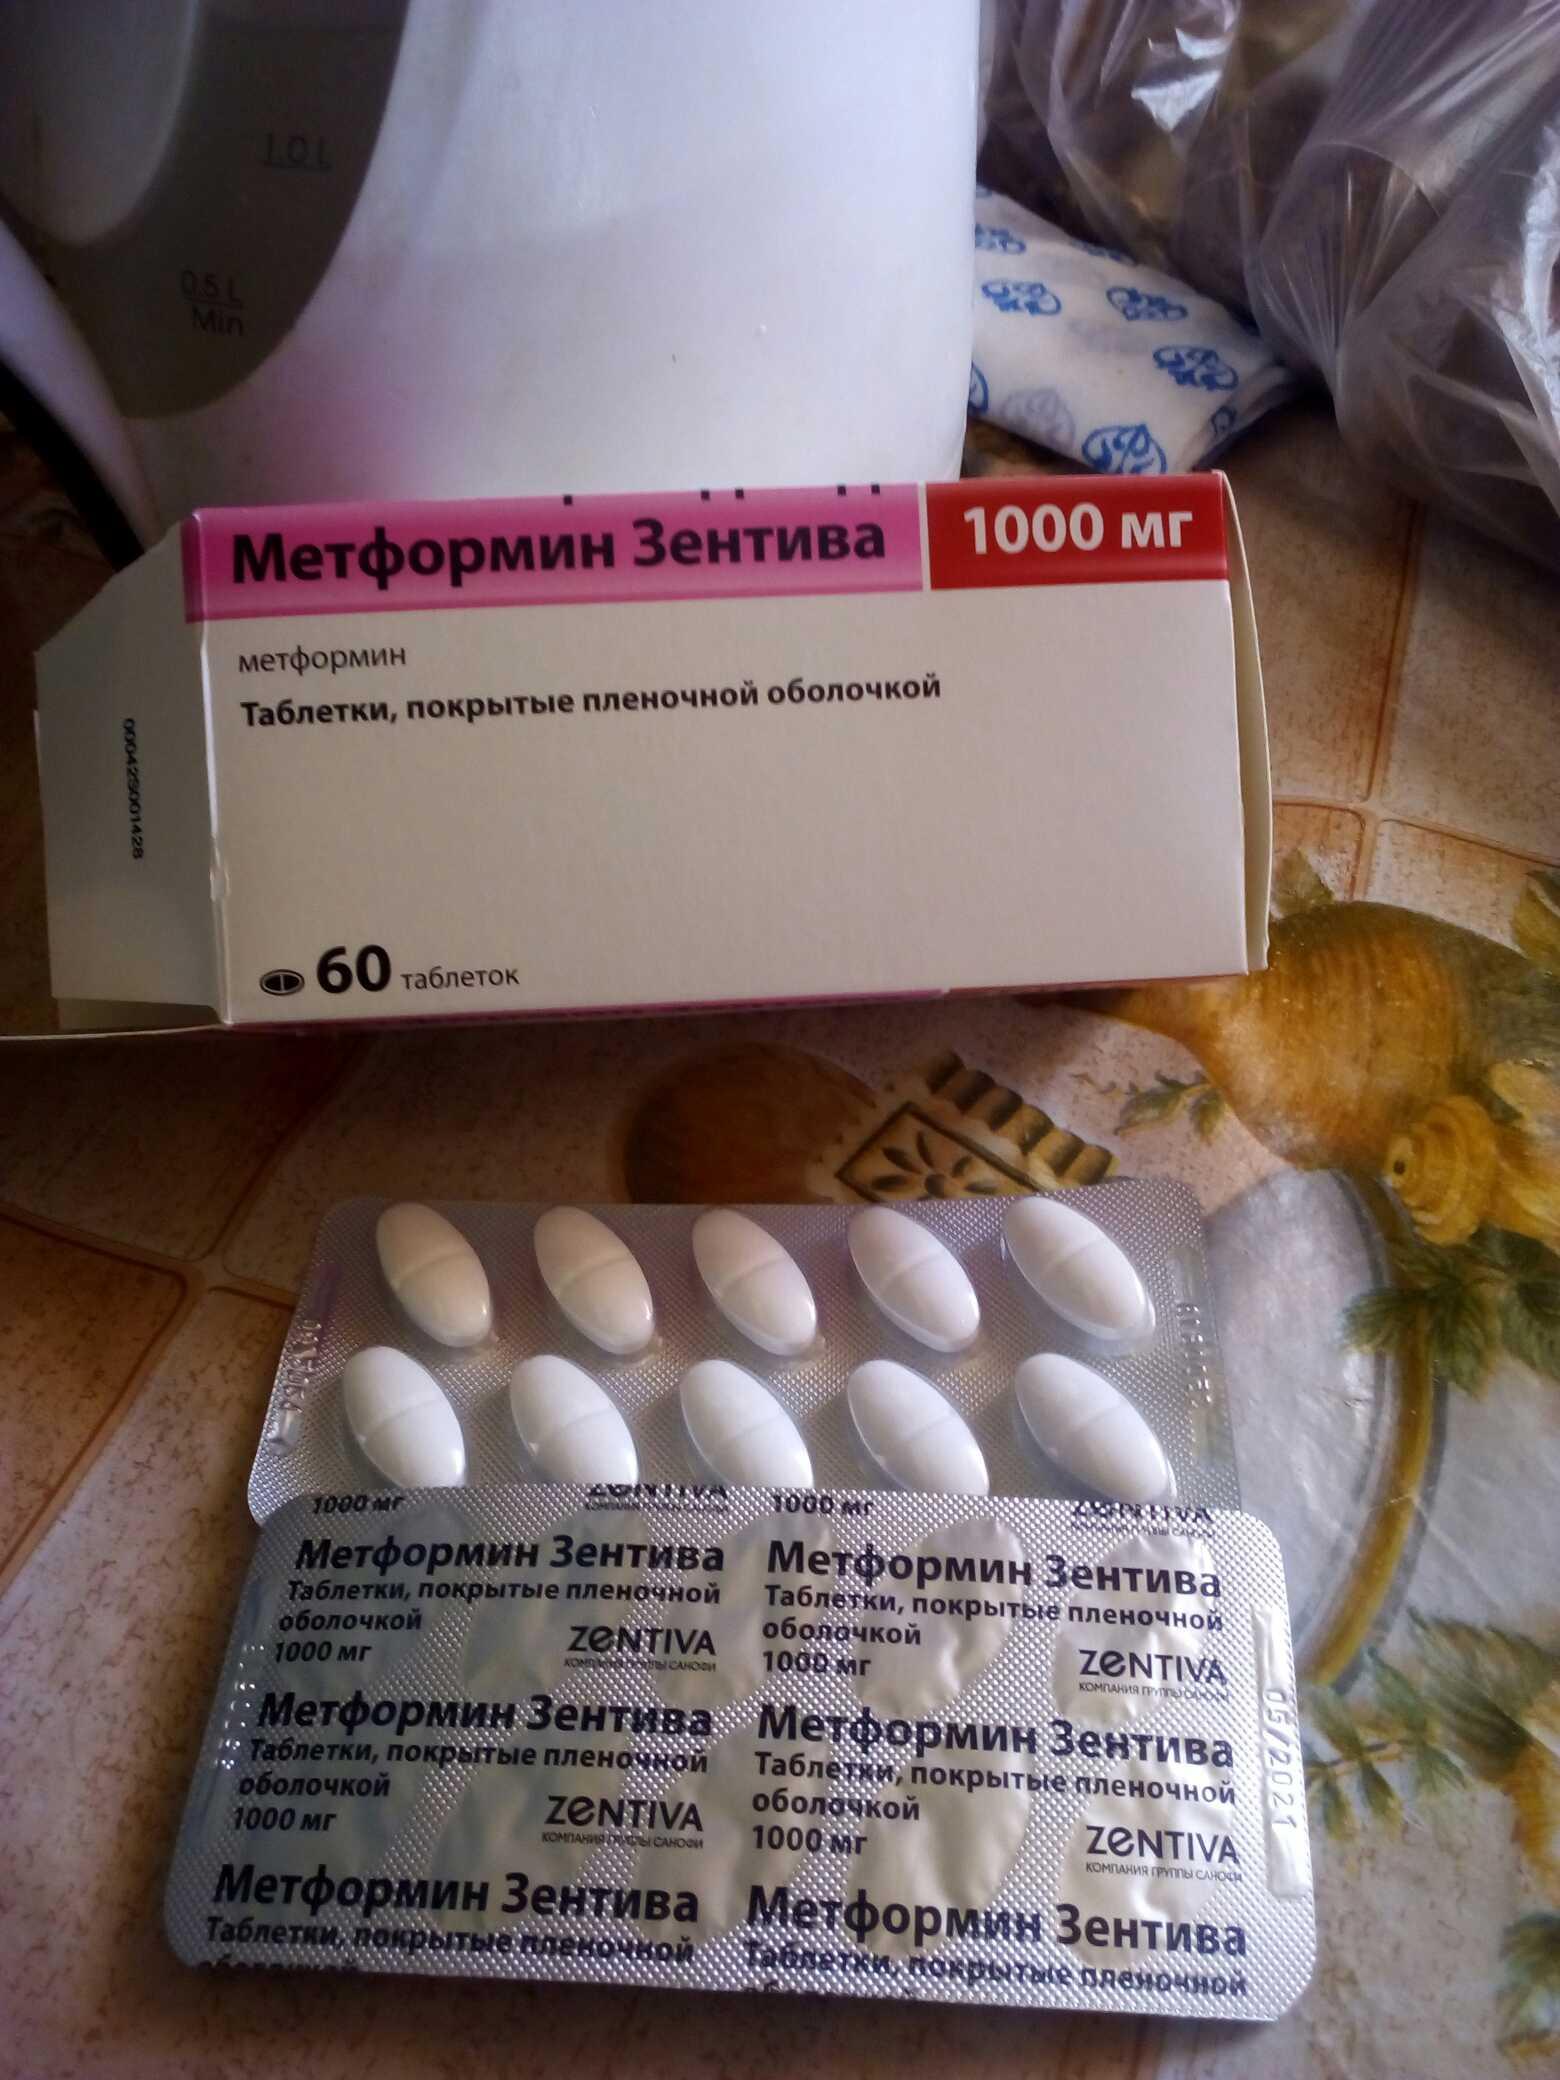 Метформин зентива для похудения как принимать